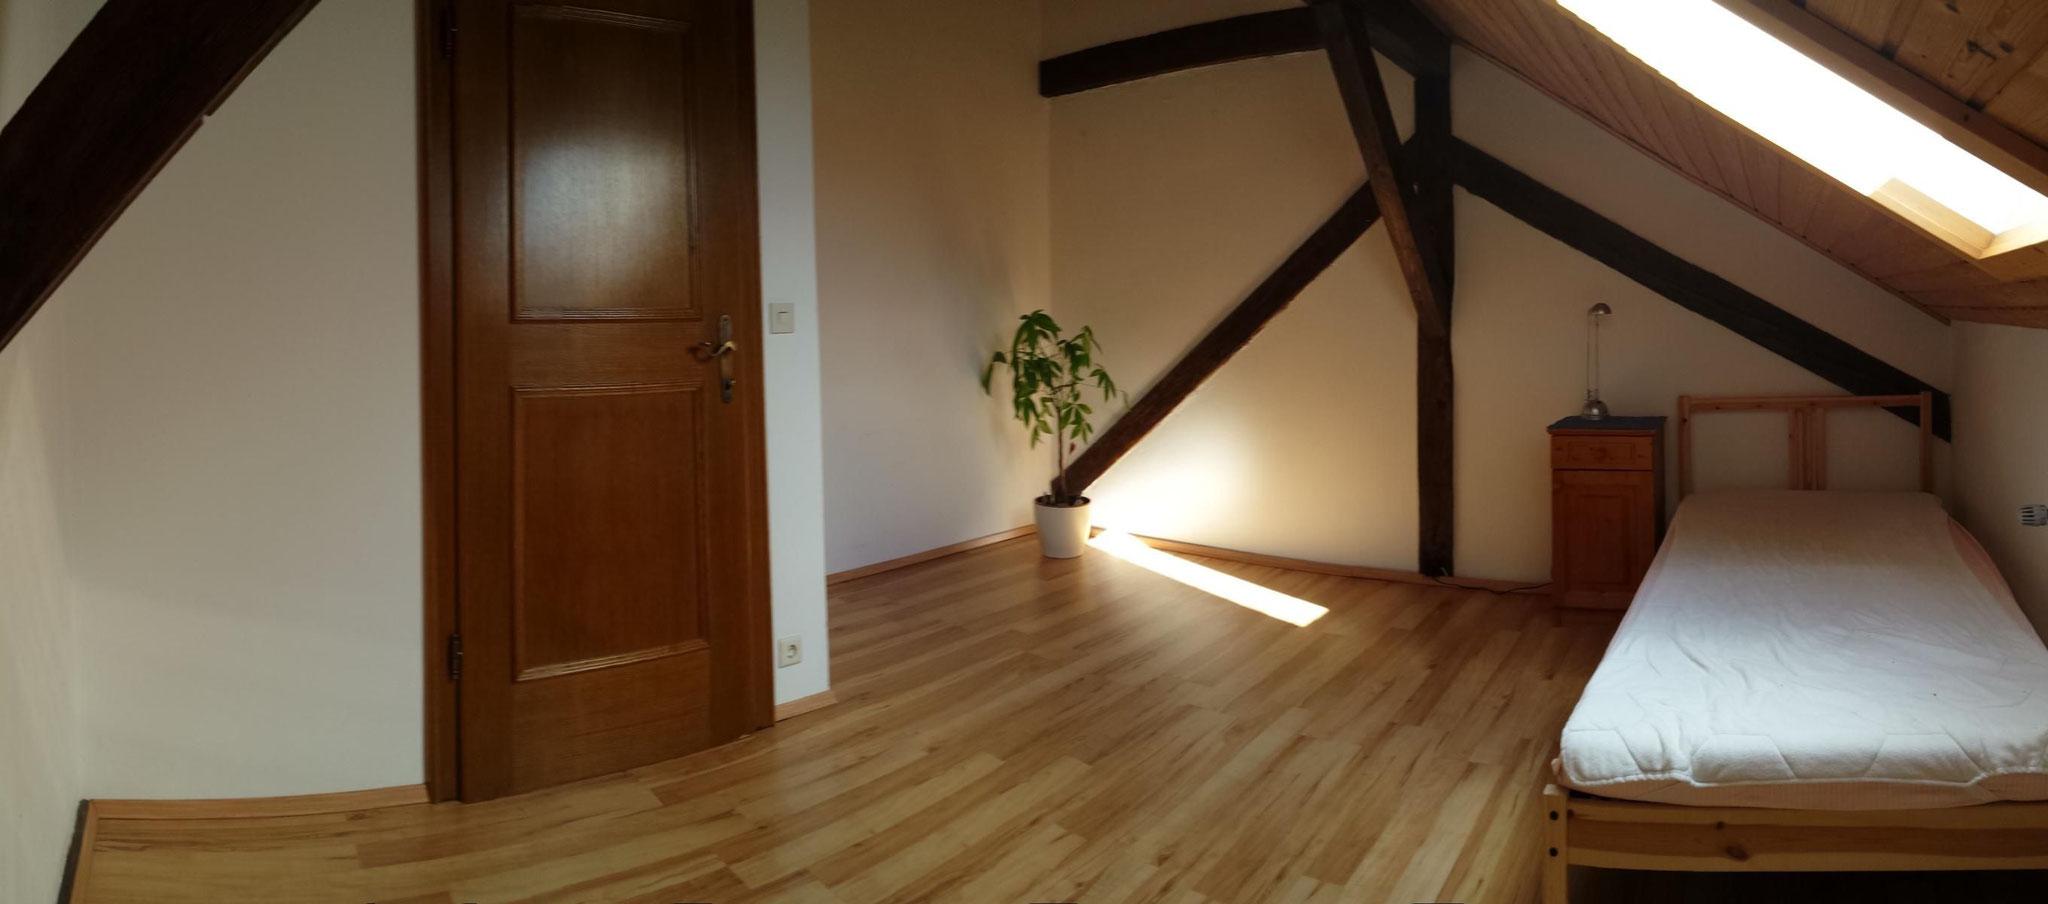 Raum 3: 15m²